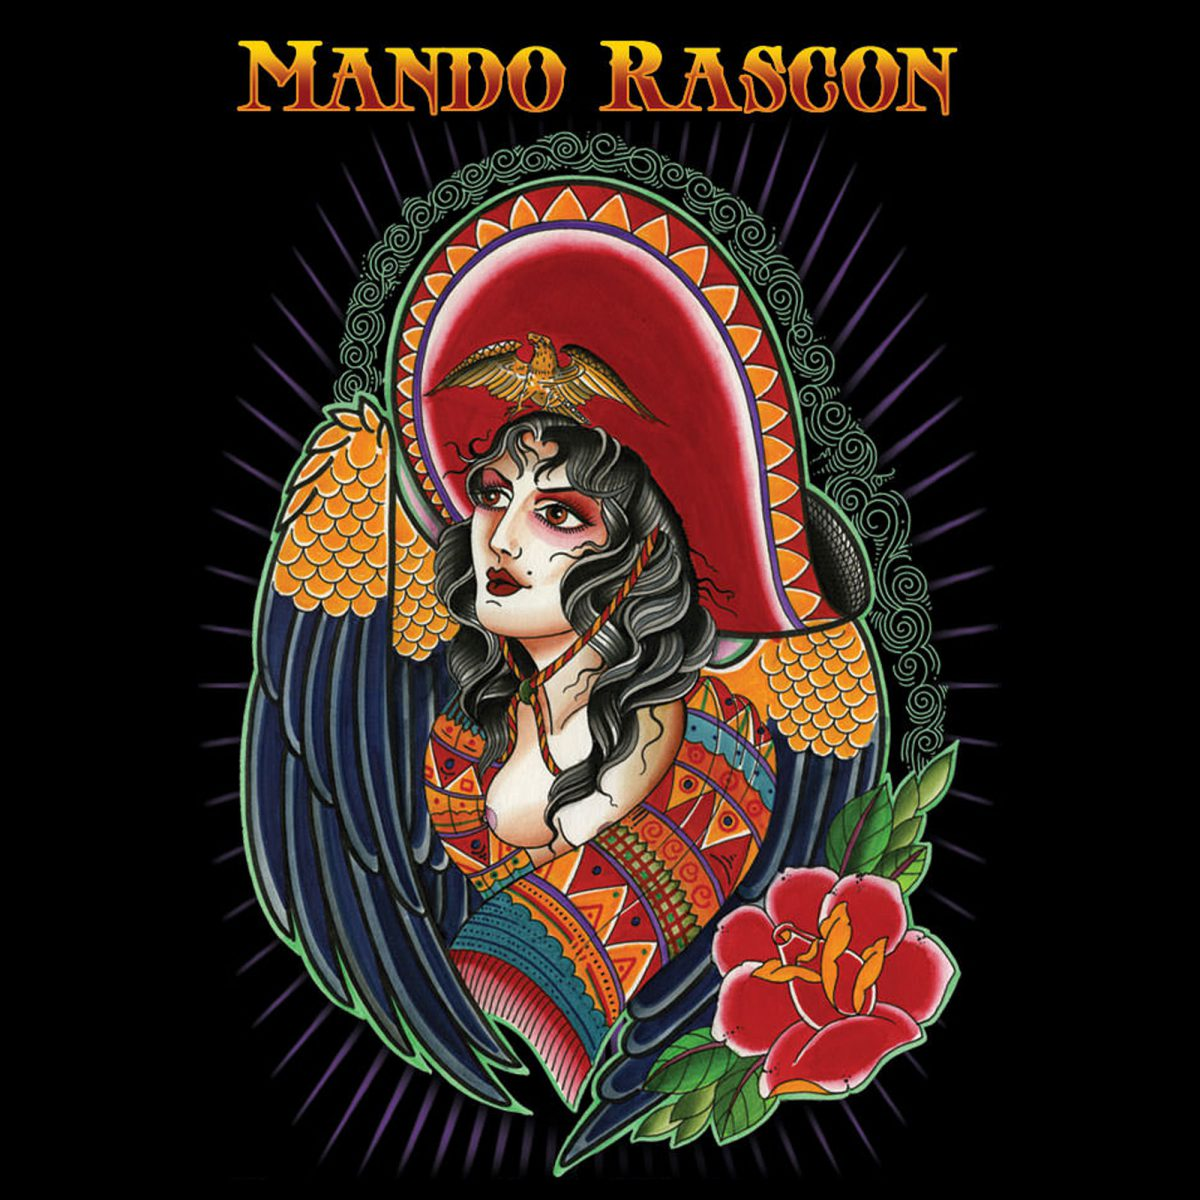 Mando Rascon